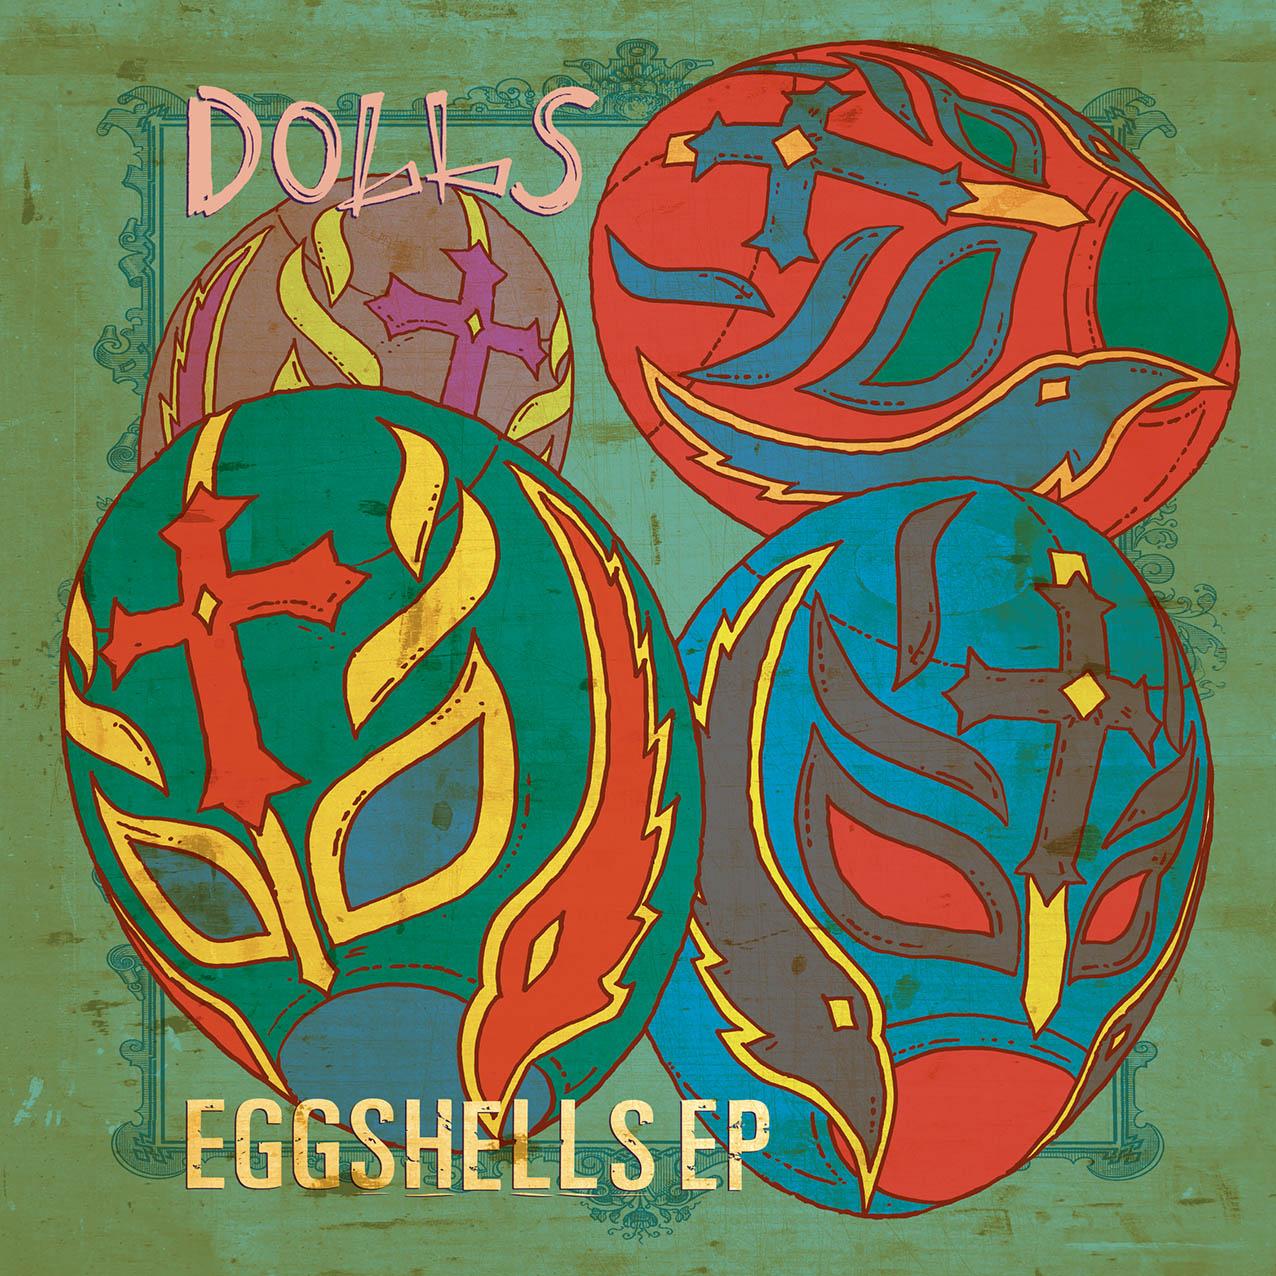 DOLLS - Eggshells EP